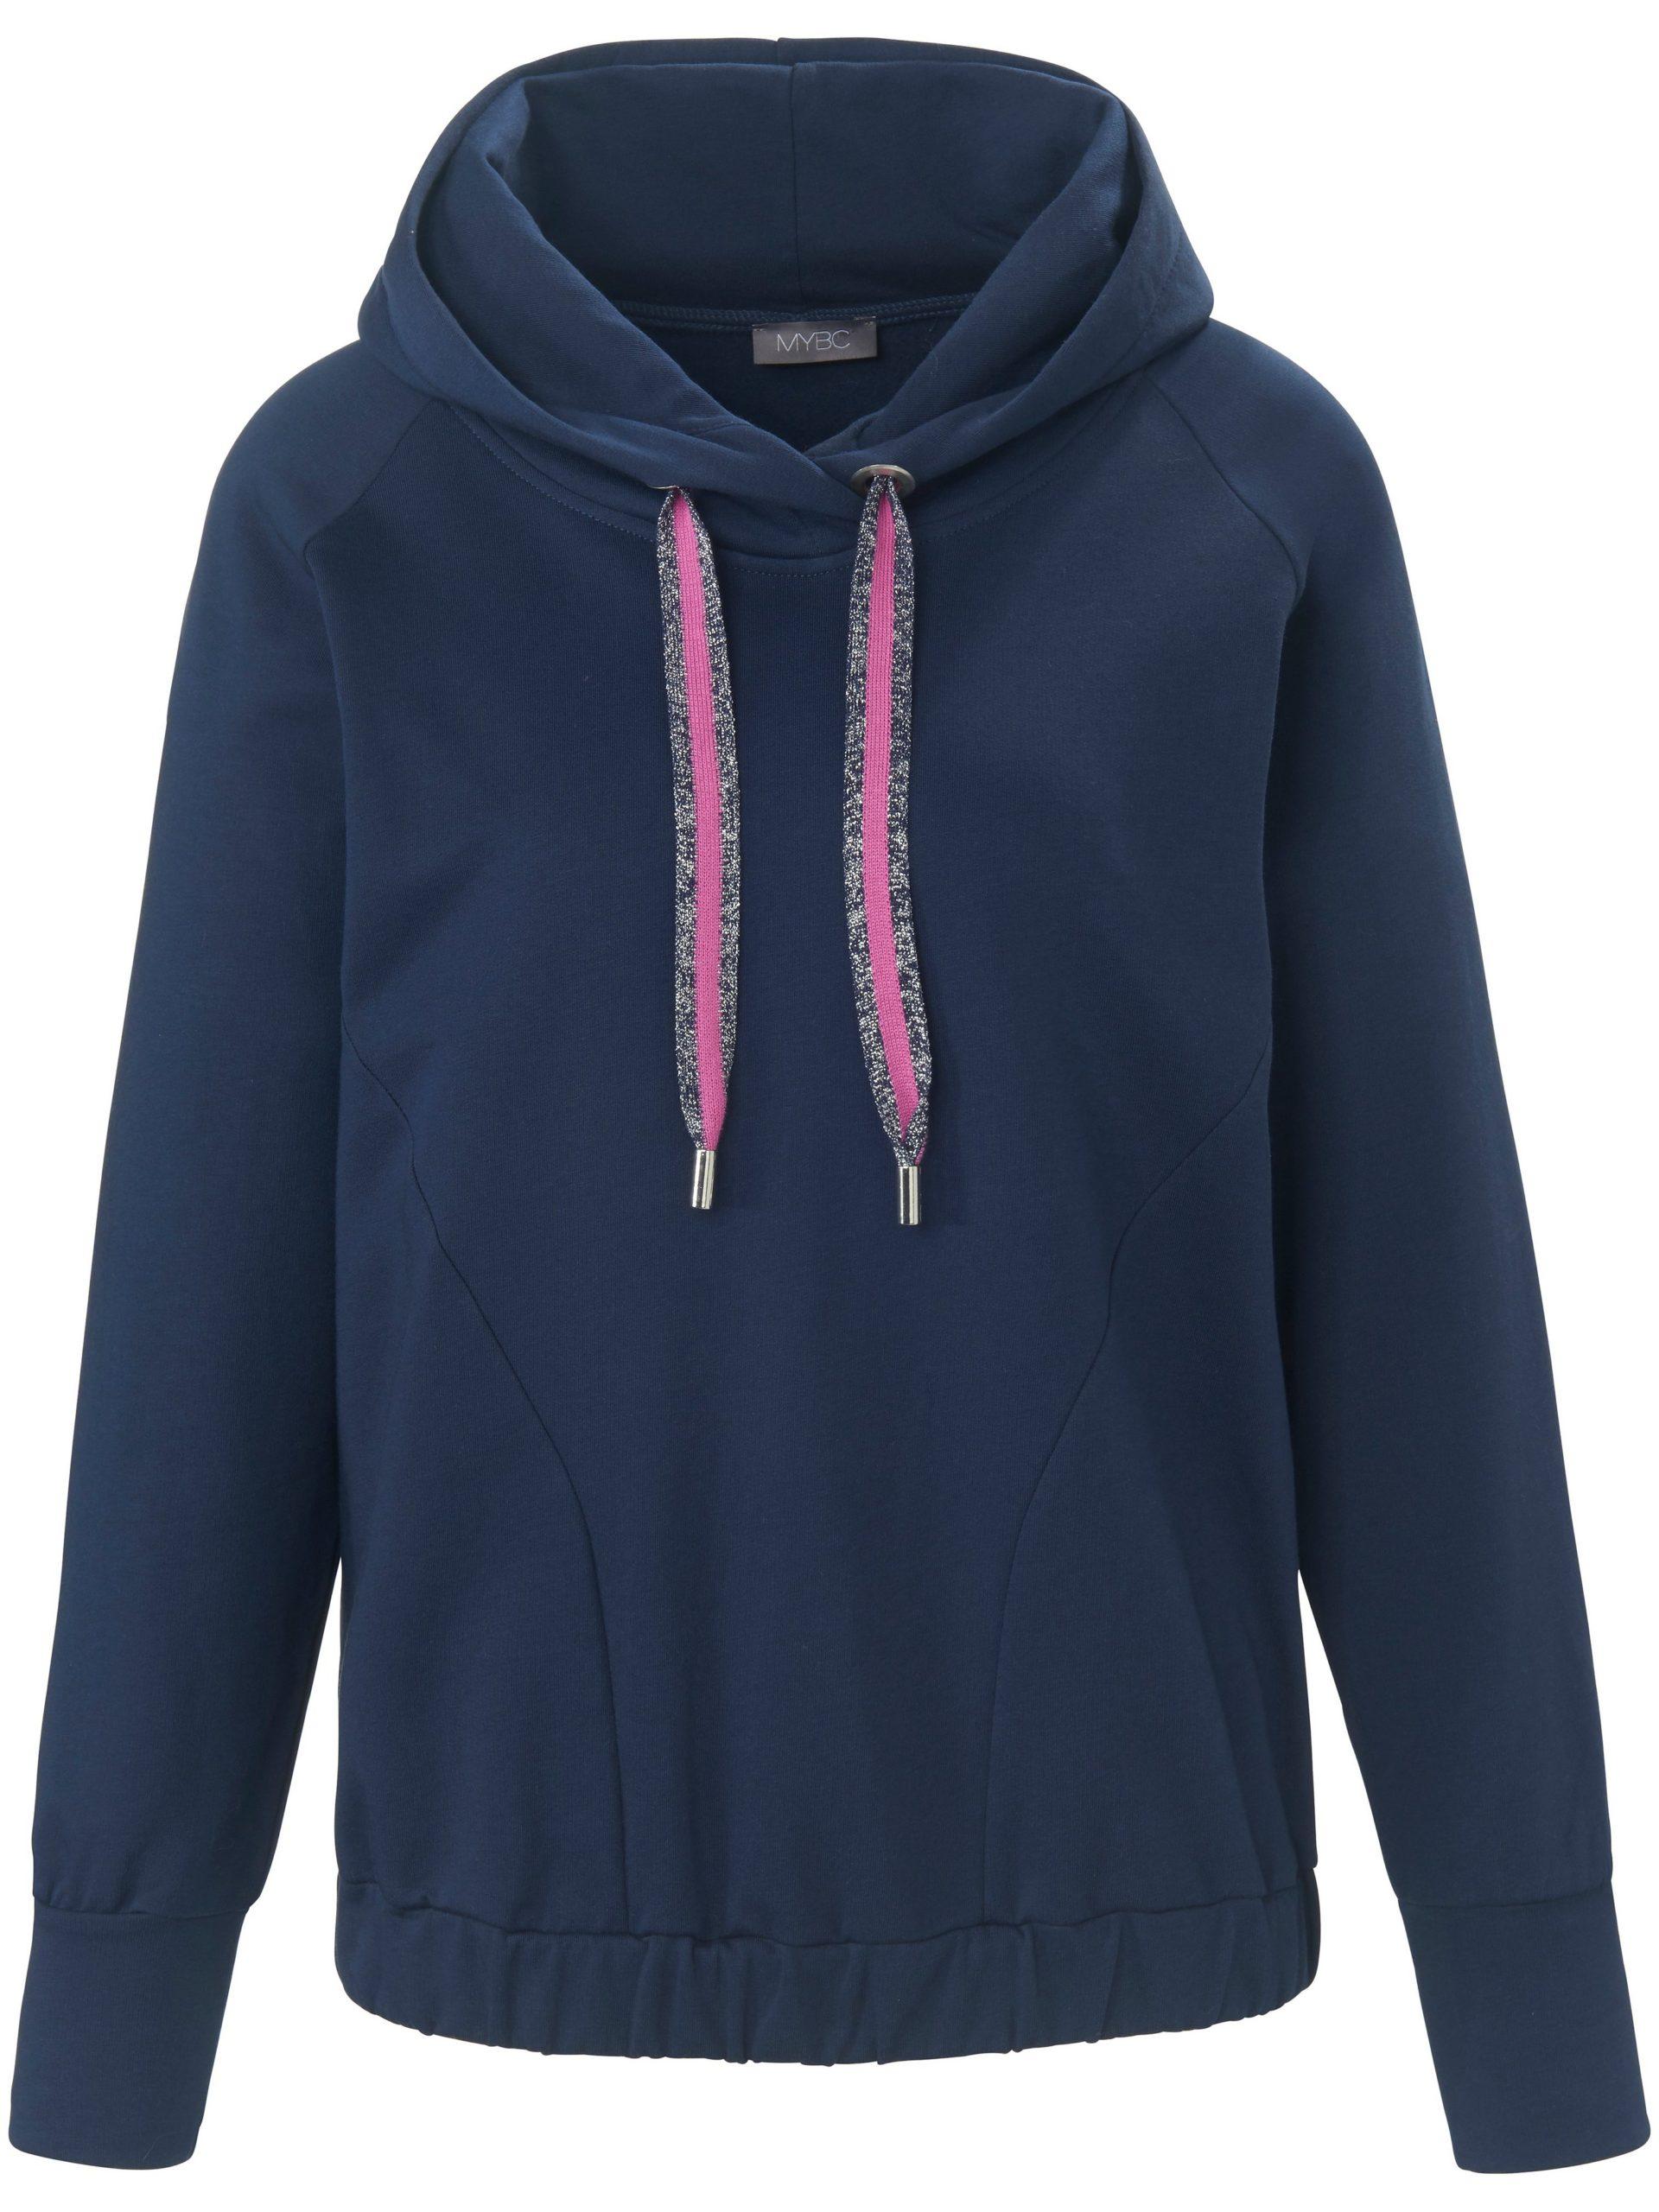 Sweatshirt met capuchon en lange raglanmouwen Van MYBC blauw Kopen